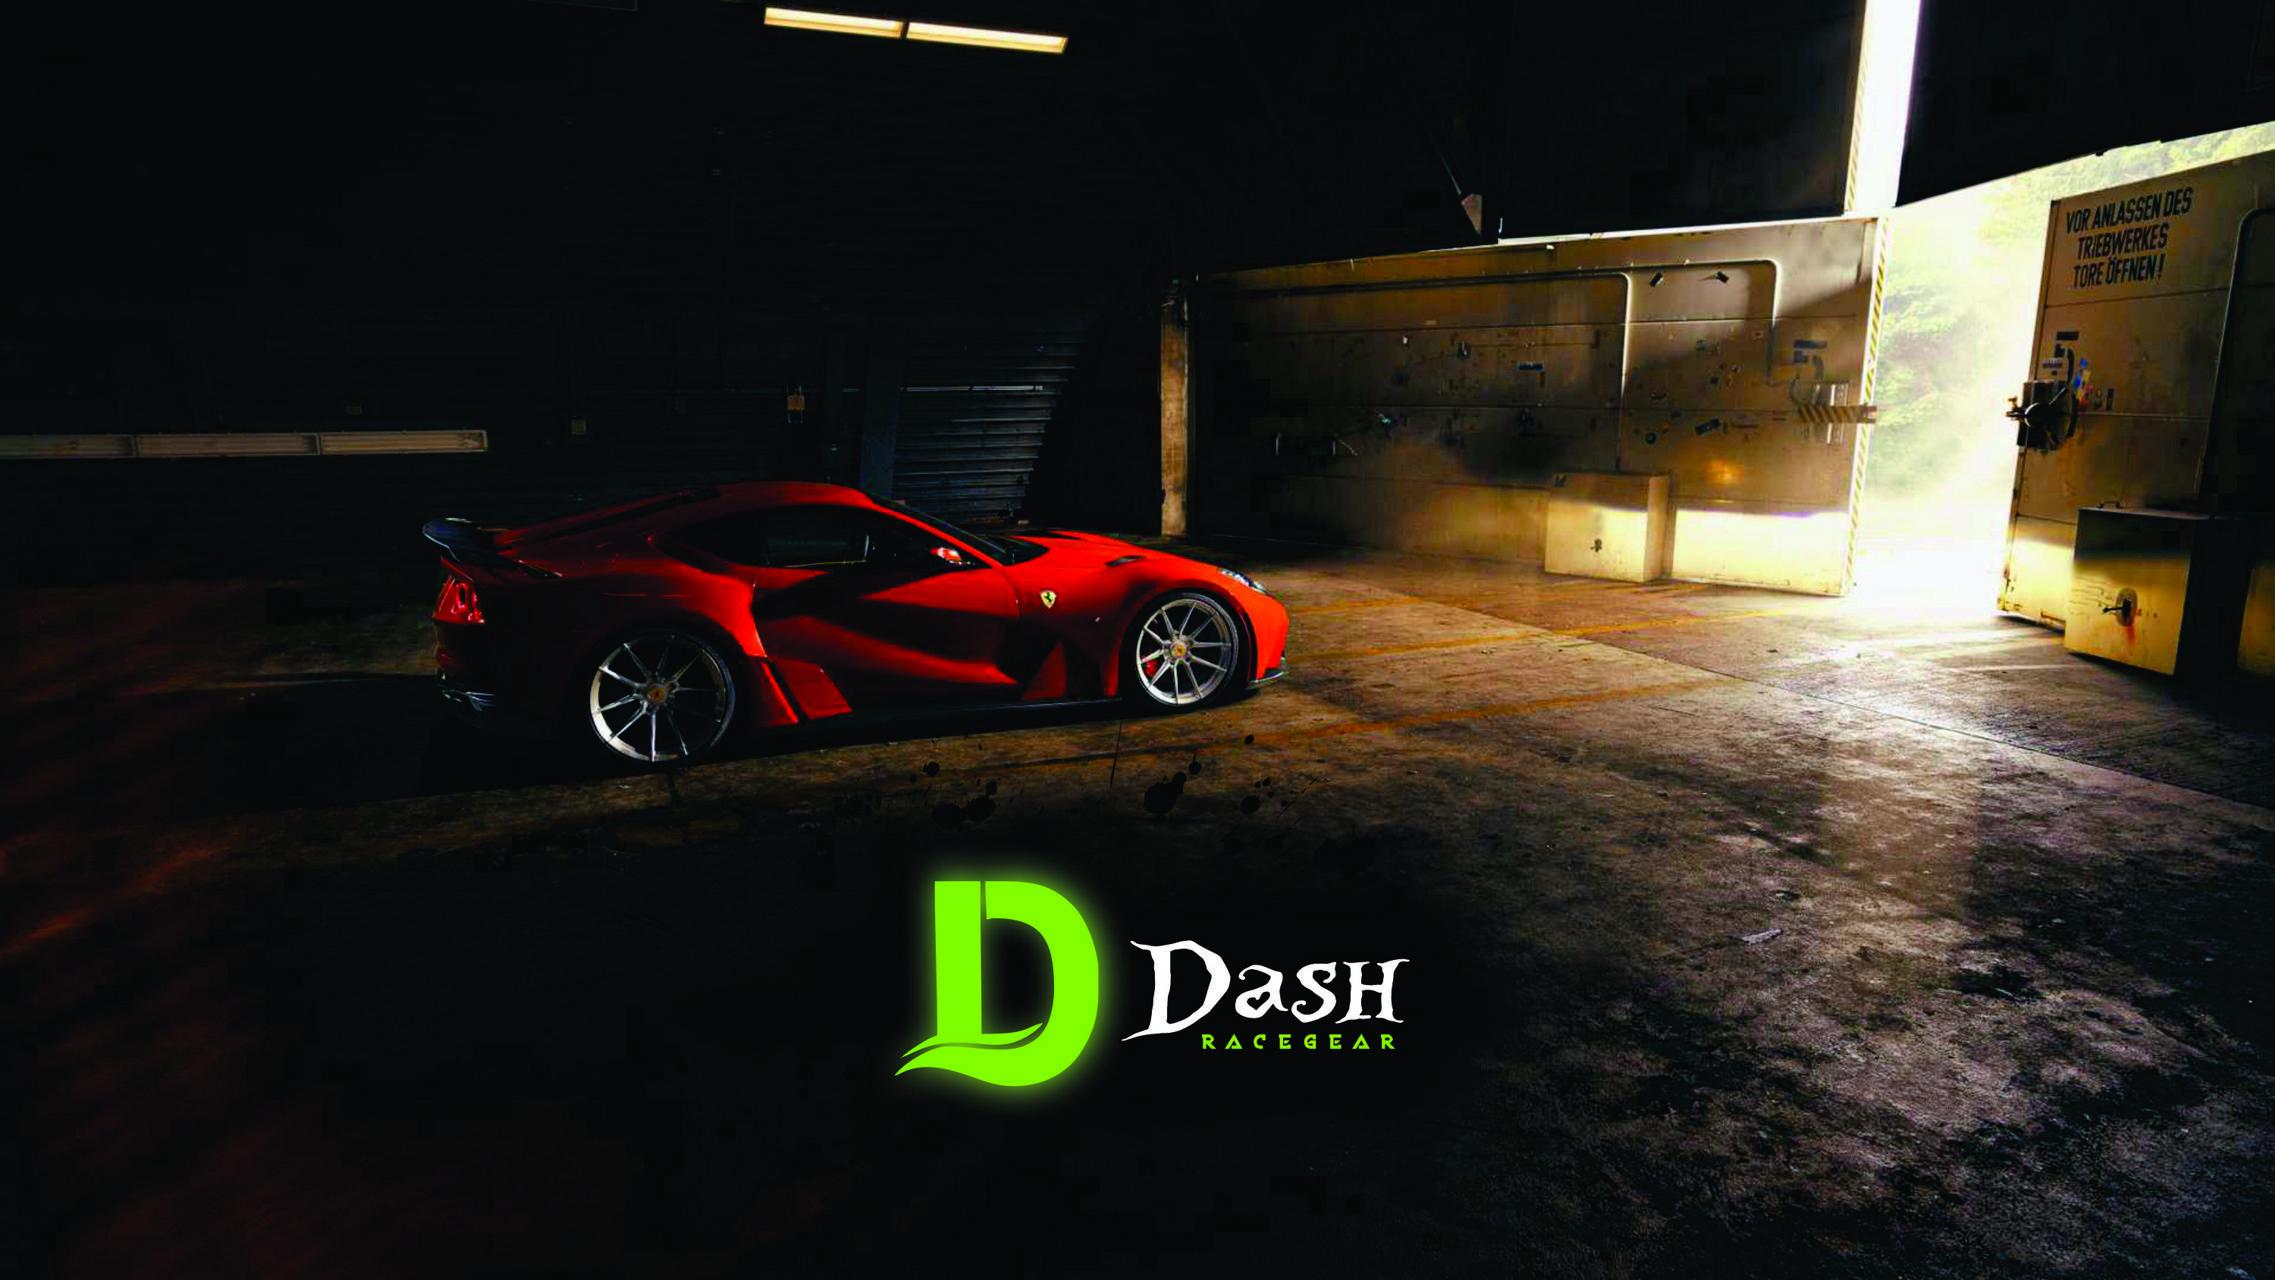 Dash Ferrari 812